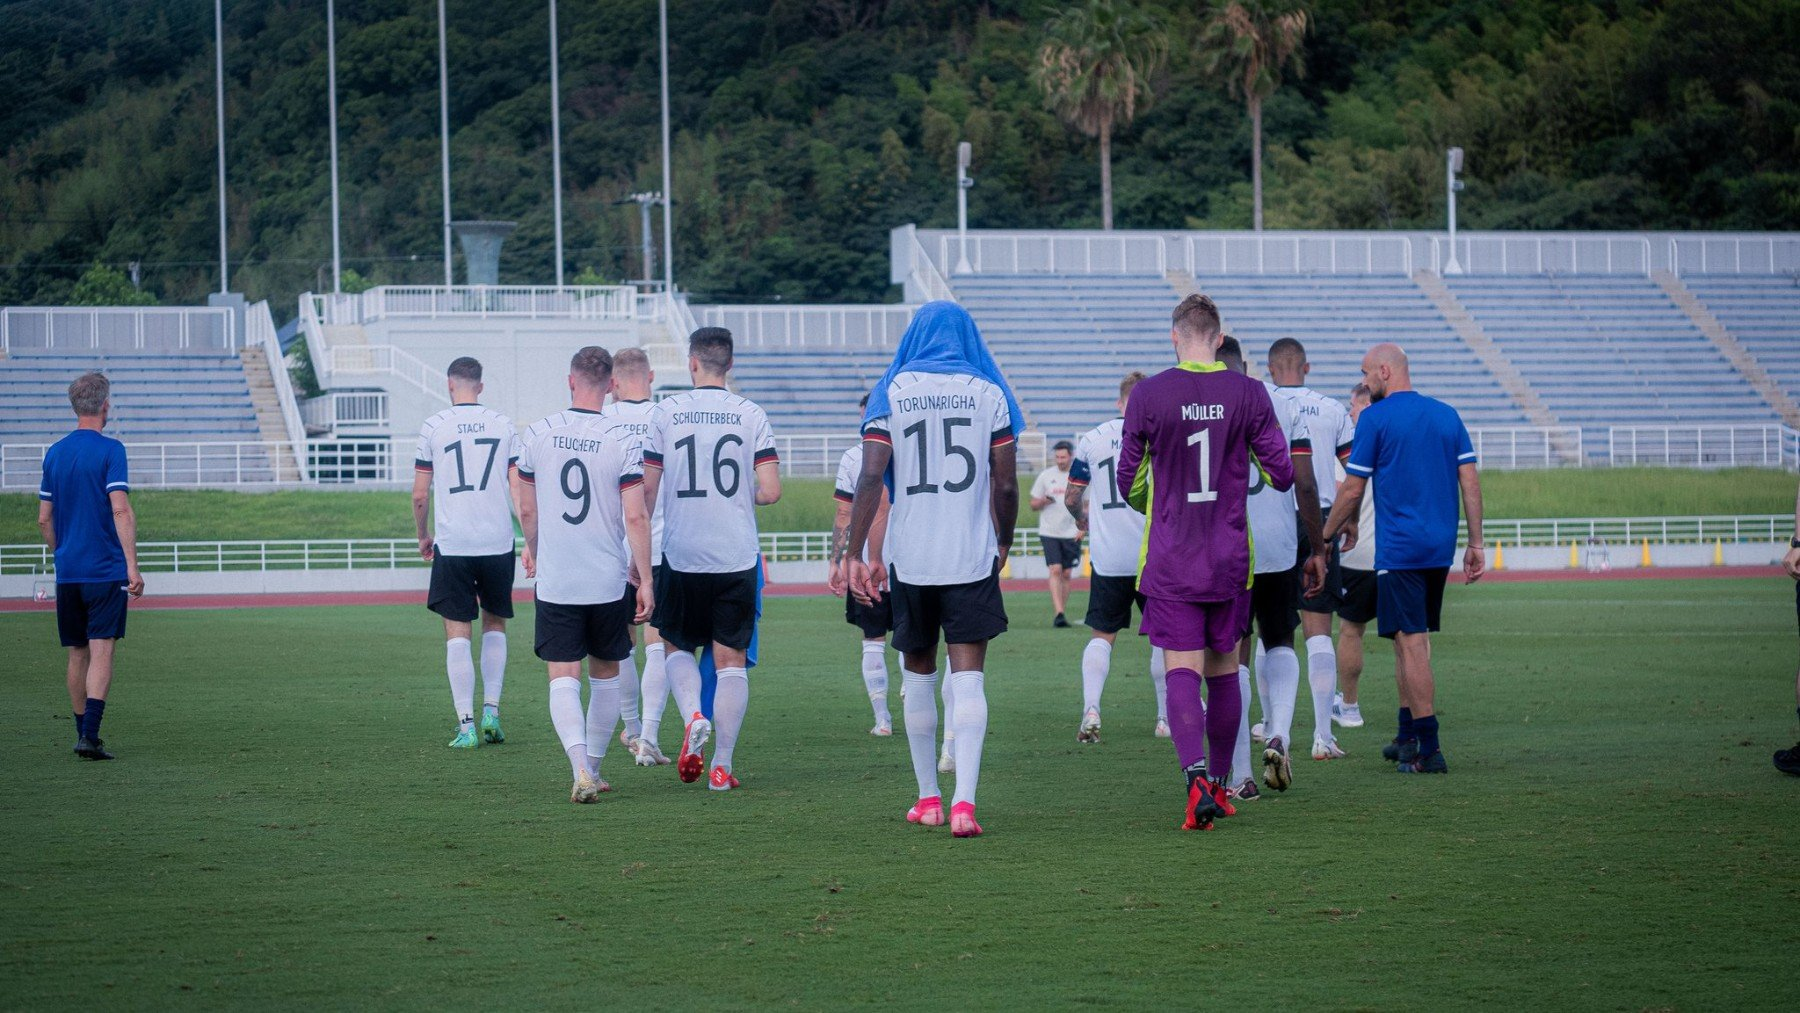 Los jugadores de Alemania se marchan del campo tras el episodio racista. (Foto: selección alemana)